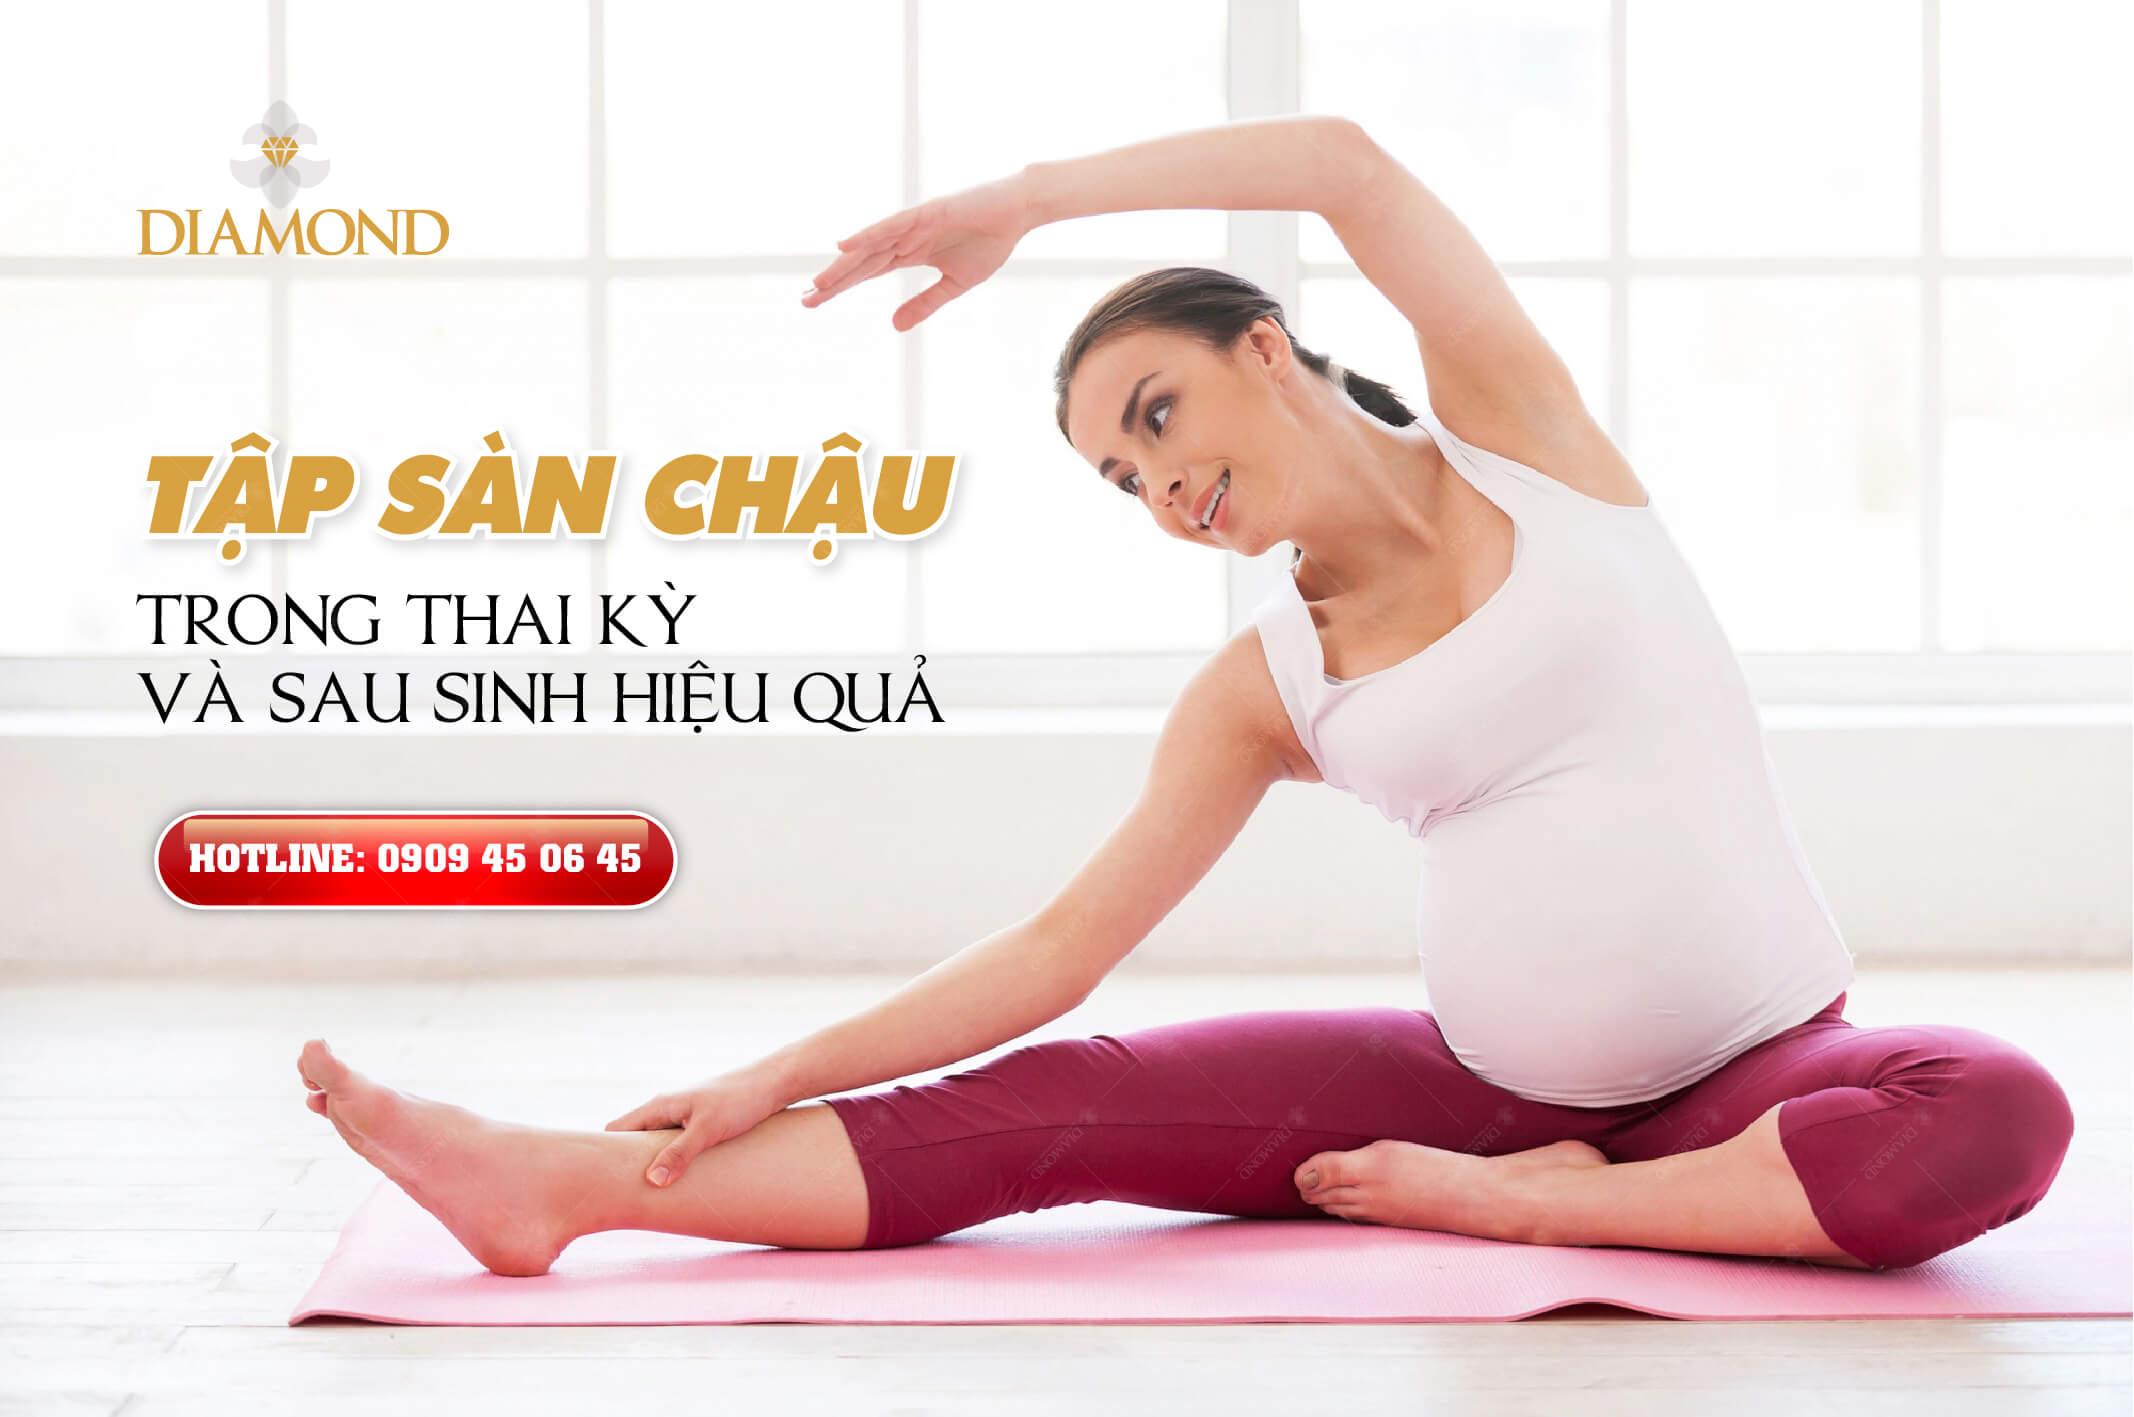 Tập sàn chậu trong thai kỳ và sau sinh hiệu quả